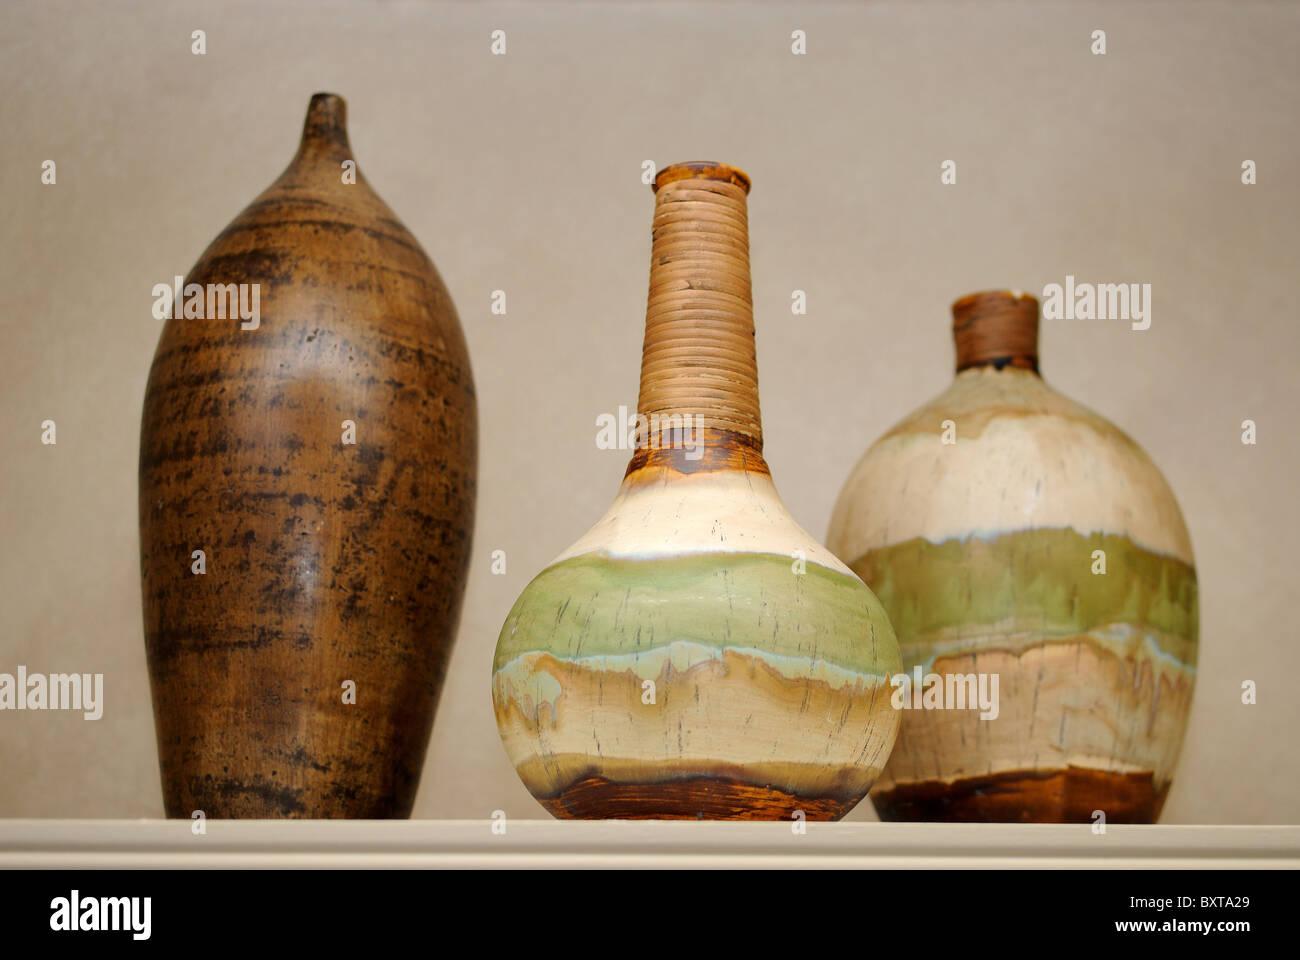 Arrangement of three ceramic vases - Stock Image